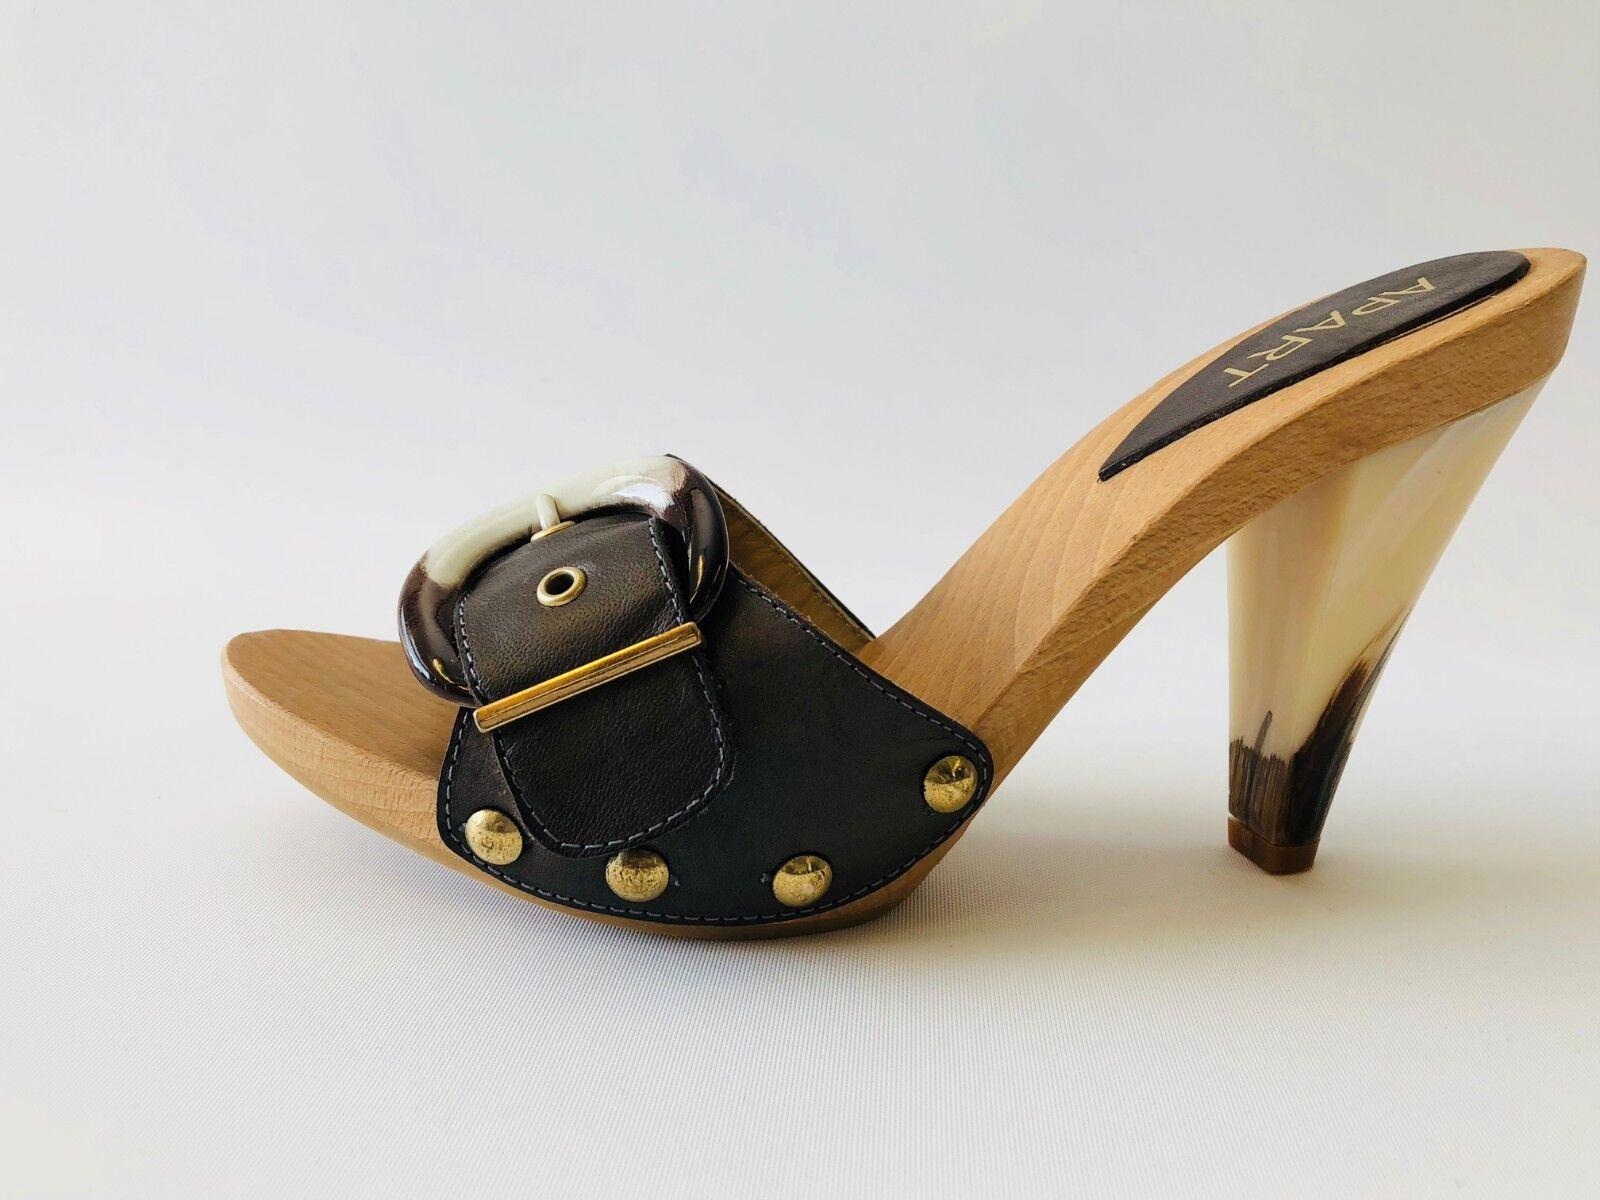 APART 370235 Pantolette Clogs 38 Damenschuhe Sandalette, Olive, EU 38 Clogs 35aa2d